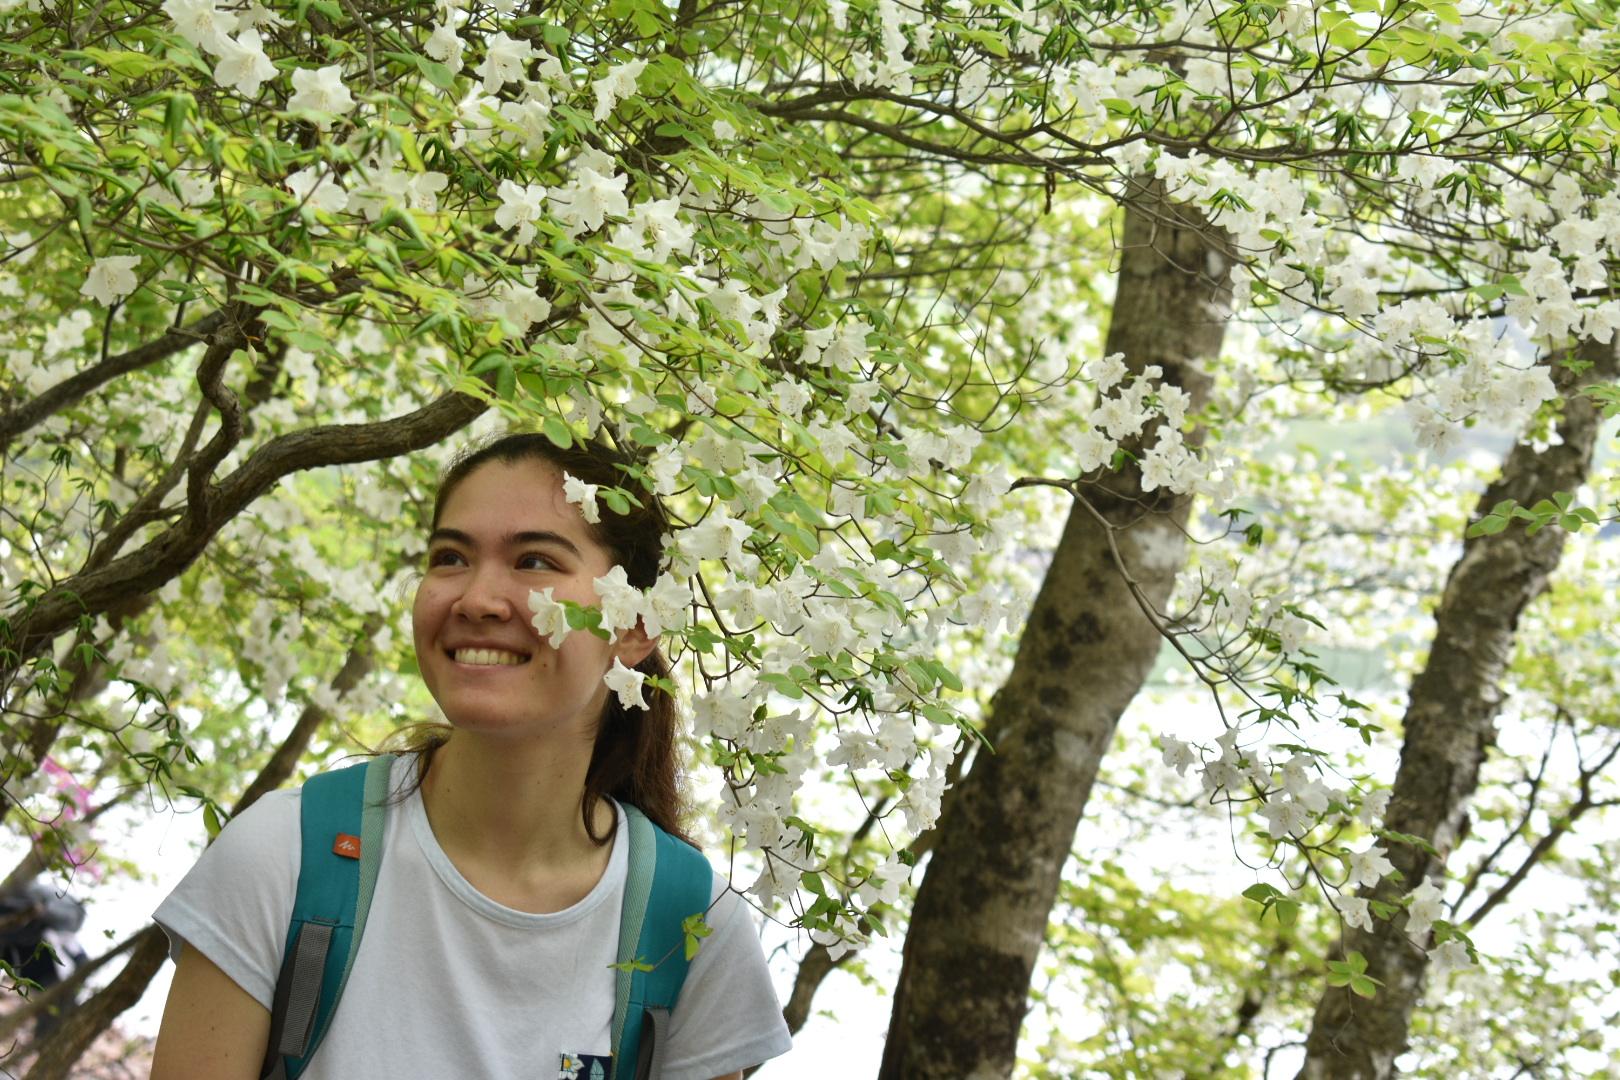 A hiker poses with white quinquefolium azaleas